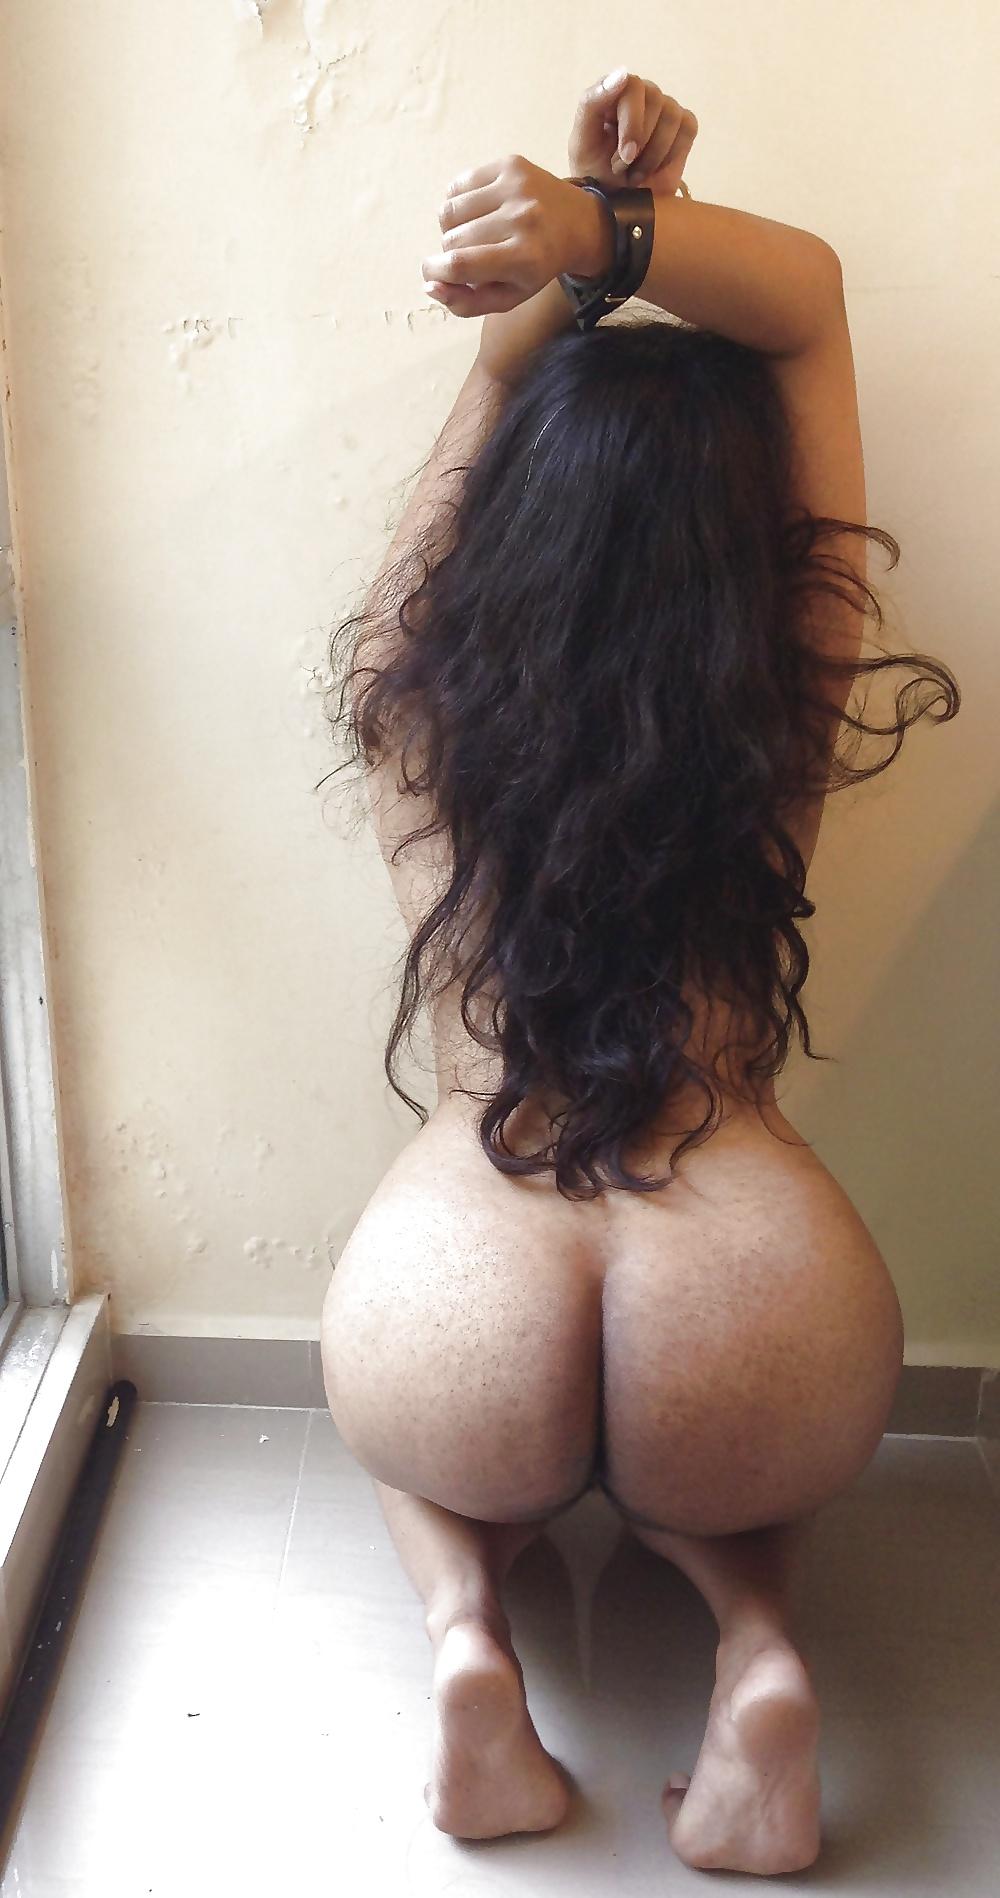 Arab big ass nude pics